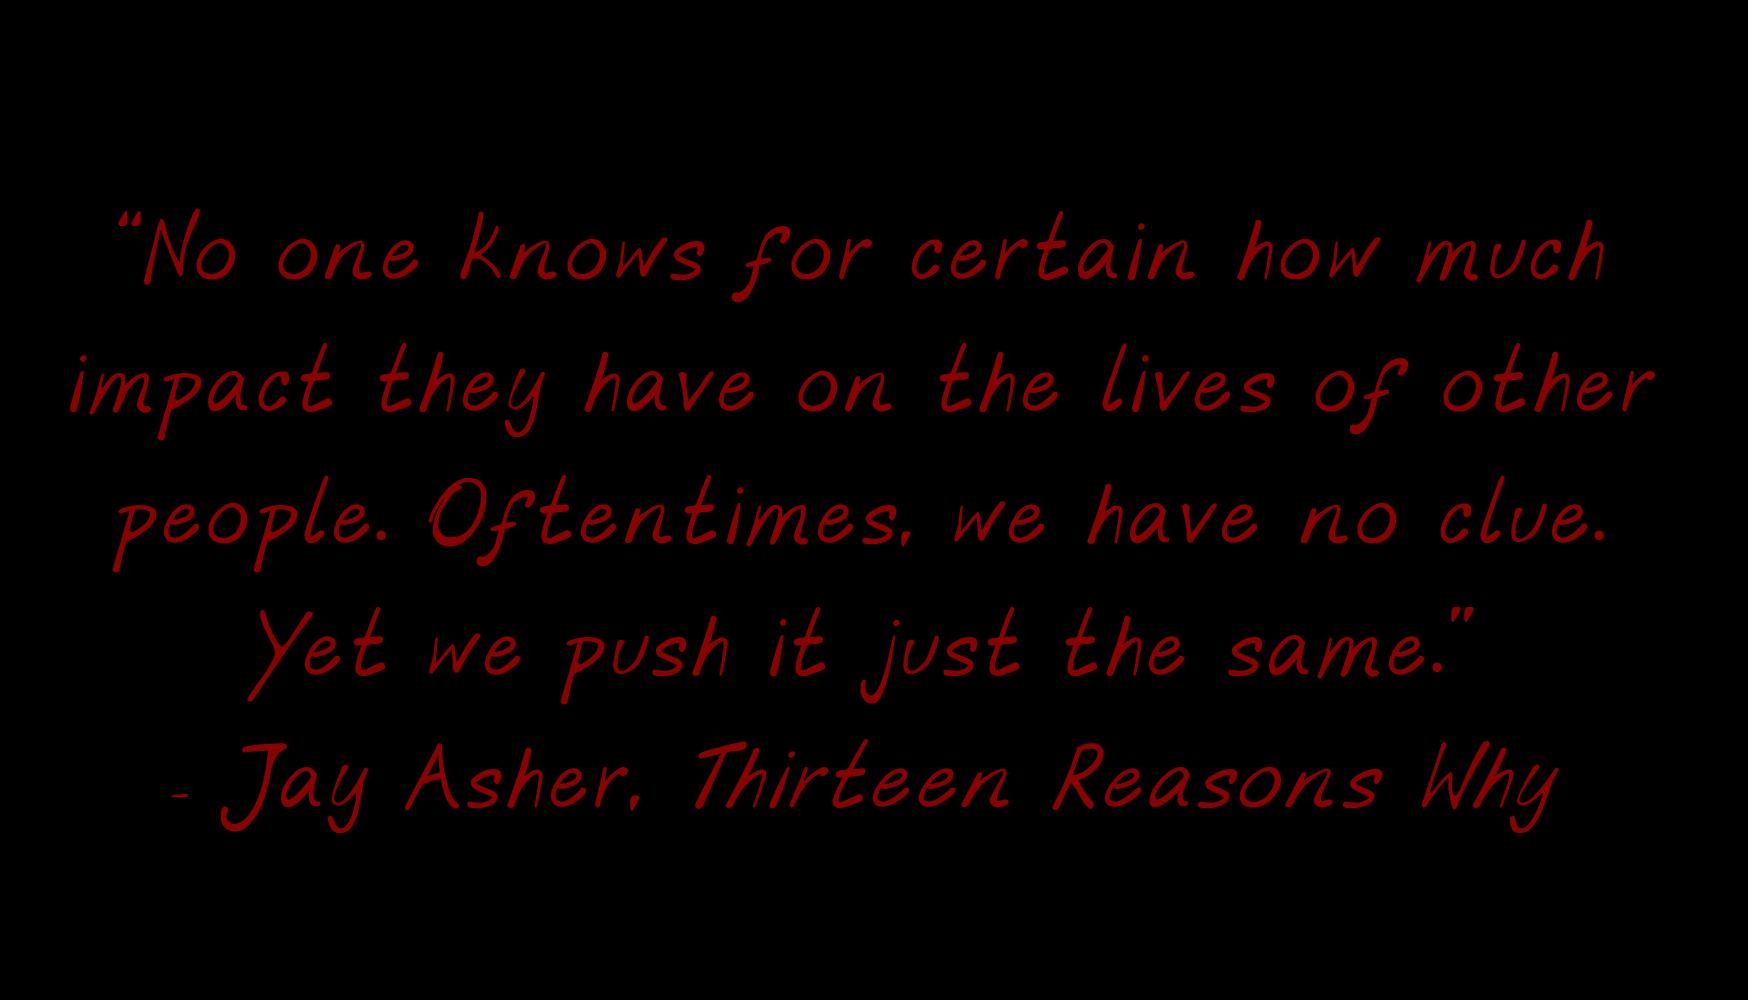 TRW quote